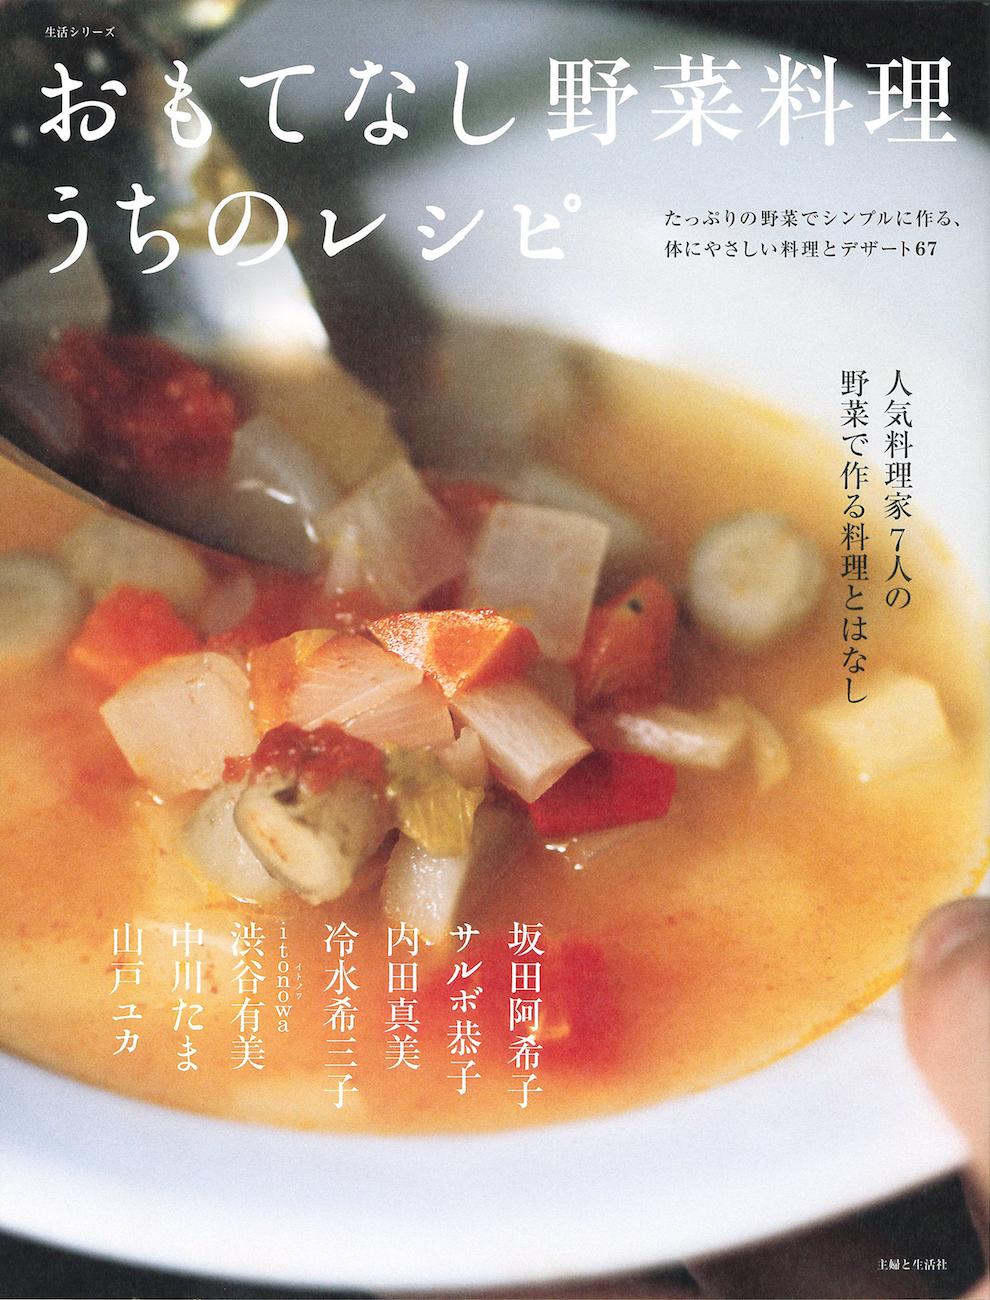 おもてなし野菜料理 うちのレシピ